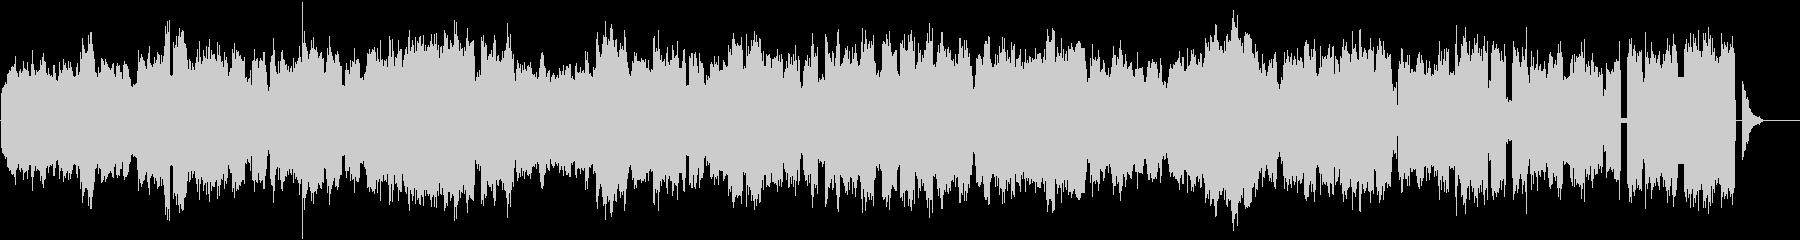 ドローン フリーズ01の未再生の波形